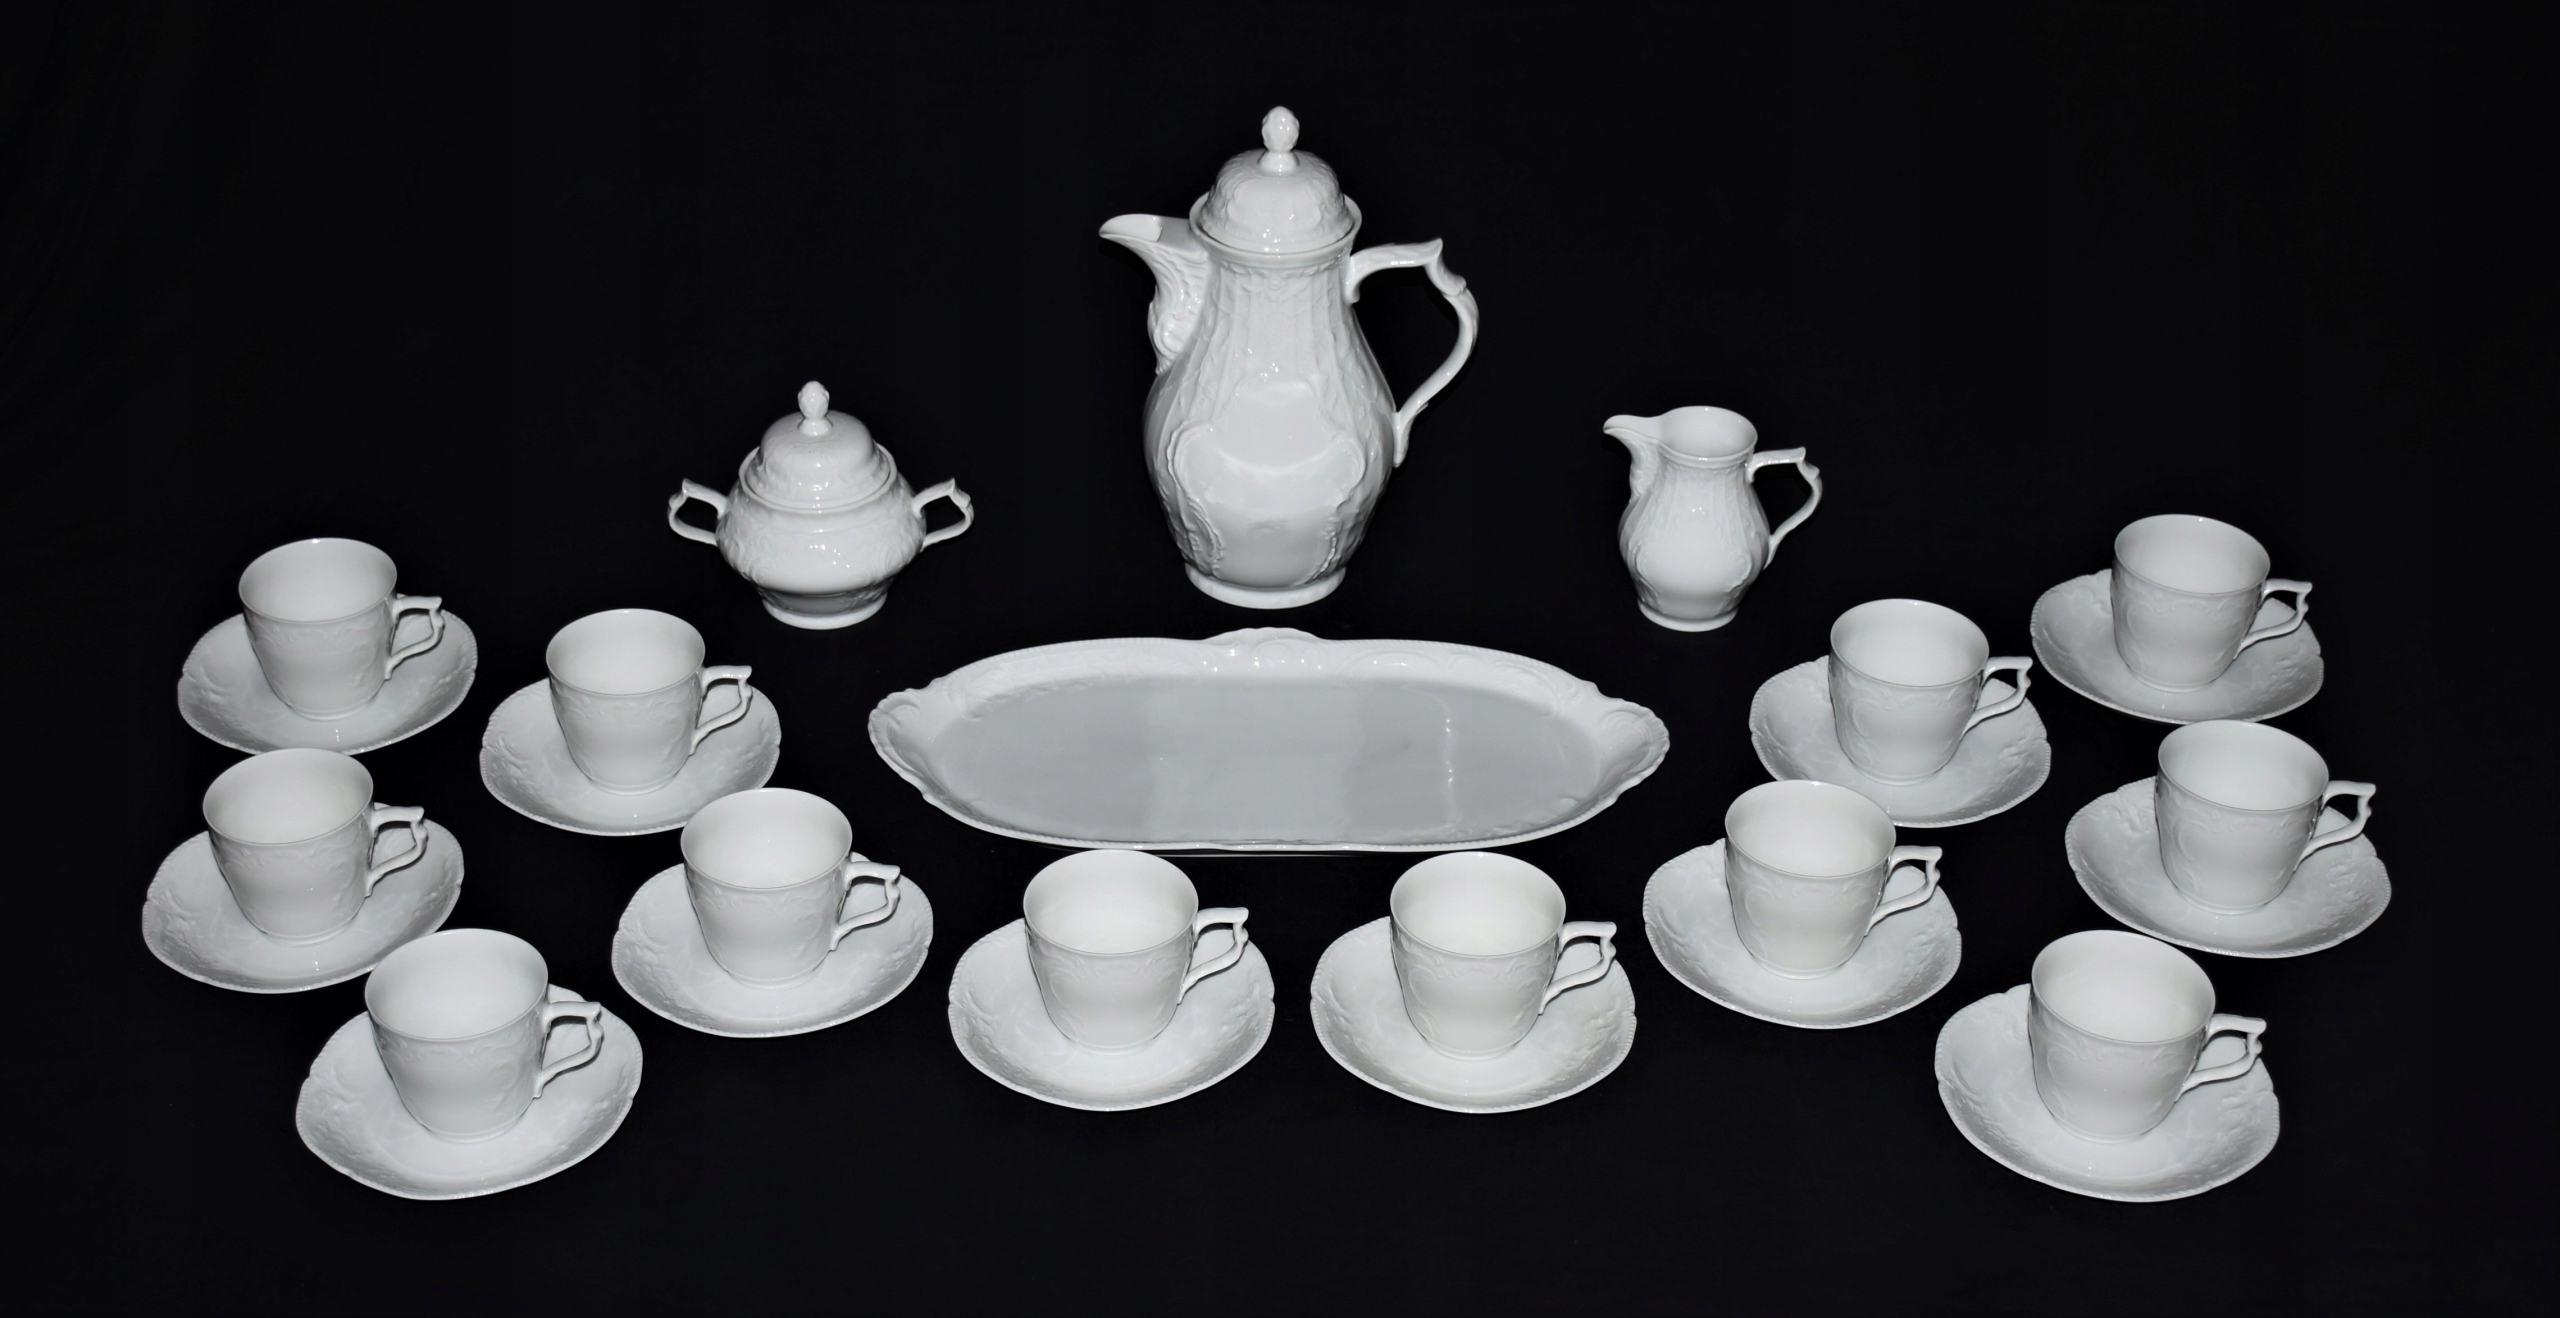 Белый кофейный сервиз Rosenthal sanssouci. идеальное состояние